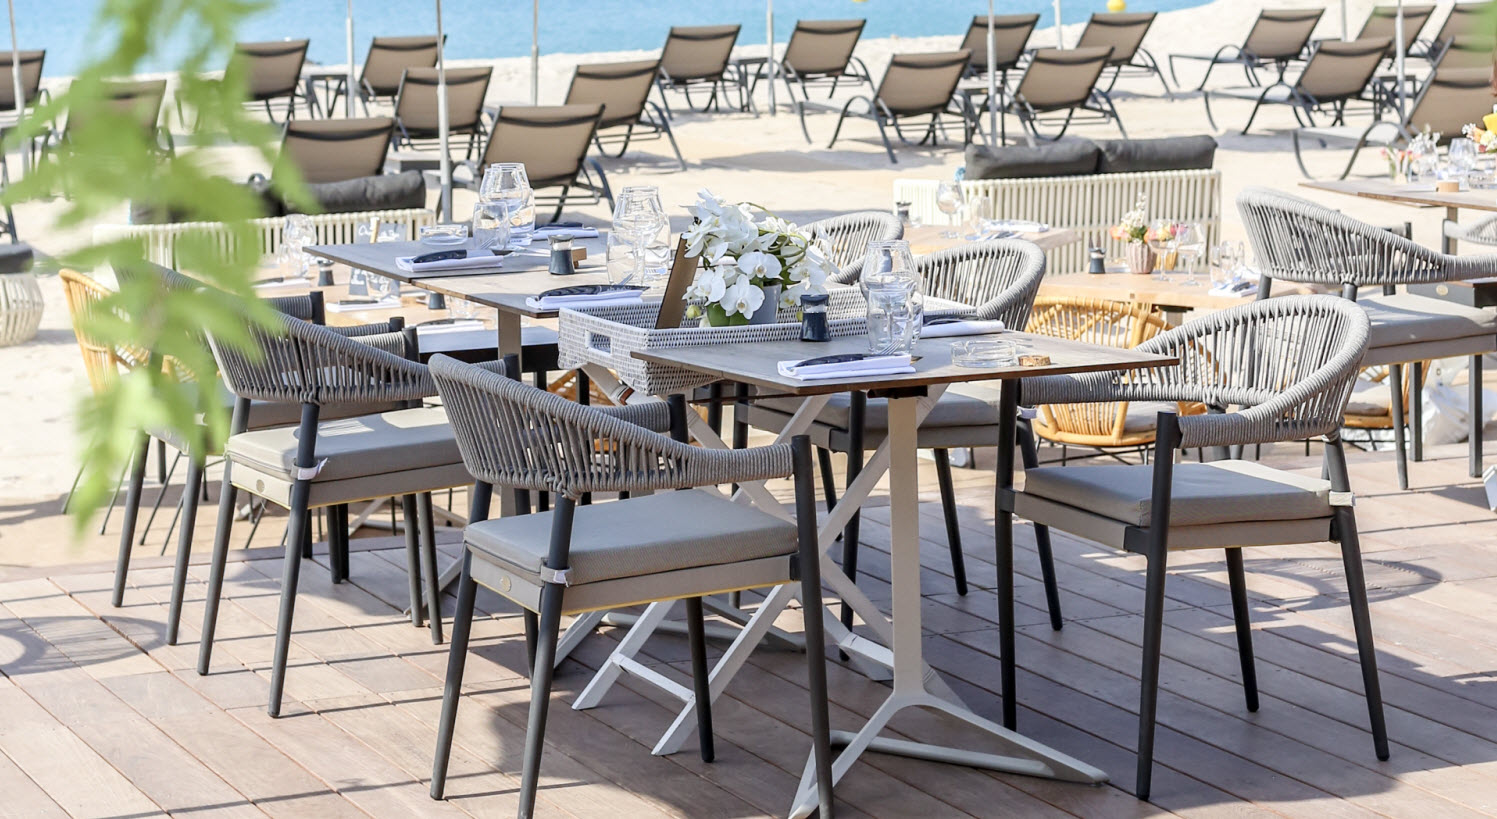 Restaurant Vegaluna Cannes Croisette